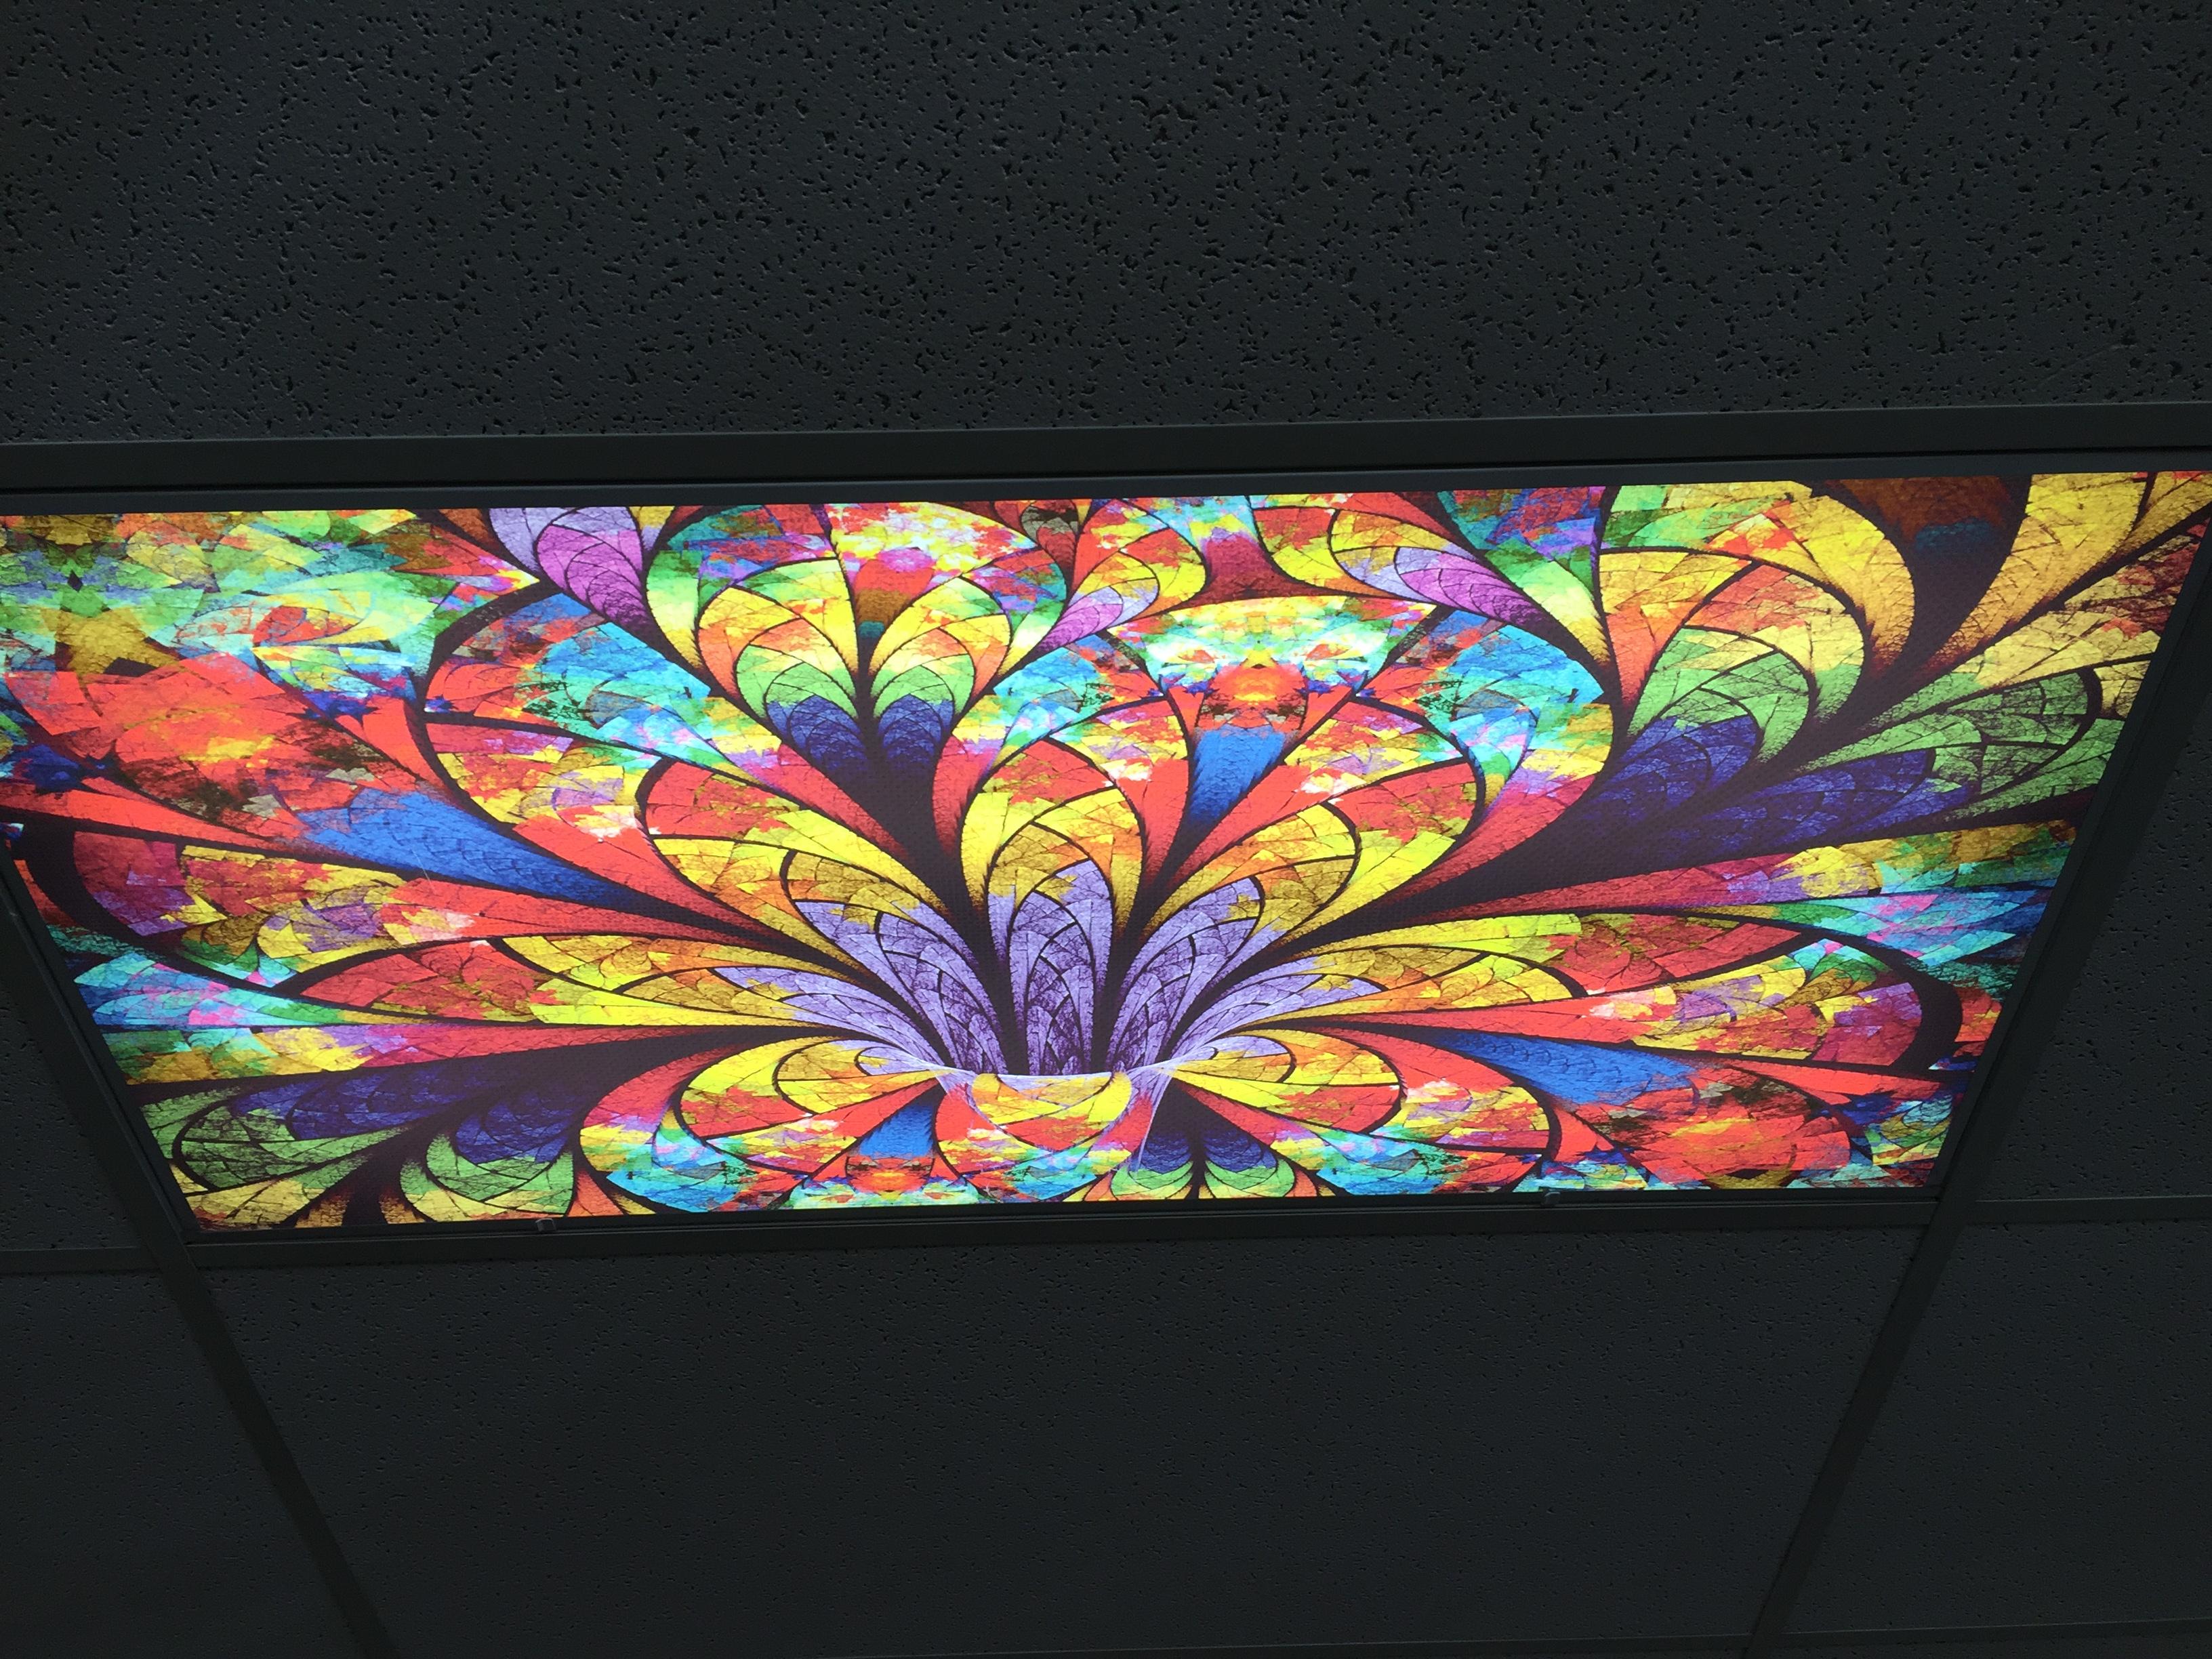 Stained glass ceiling light panels blog avie product vinyl drop ceiling light panels dailygadgetfo Images